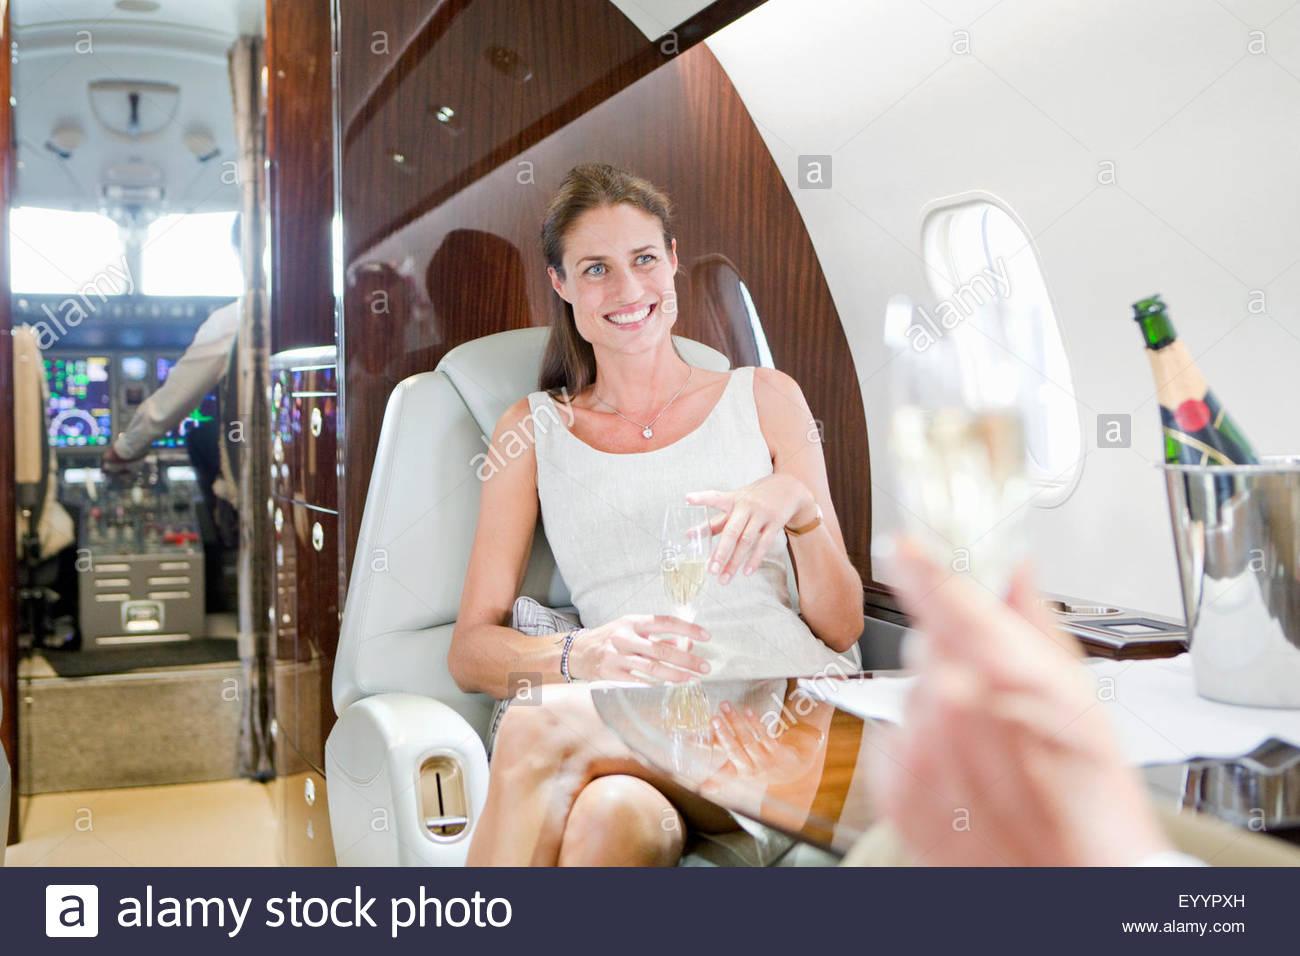 Attraente donna sorridente bevendo champagne sul jet privato Immagini Stock